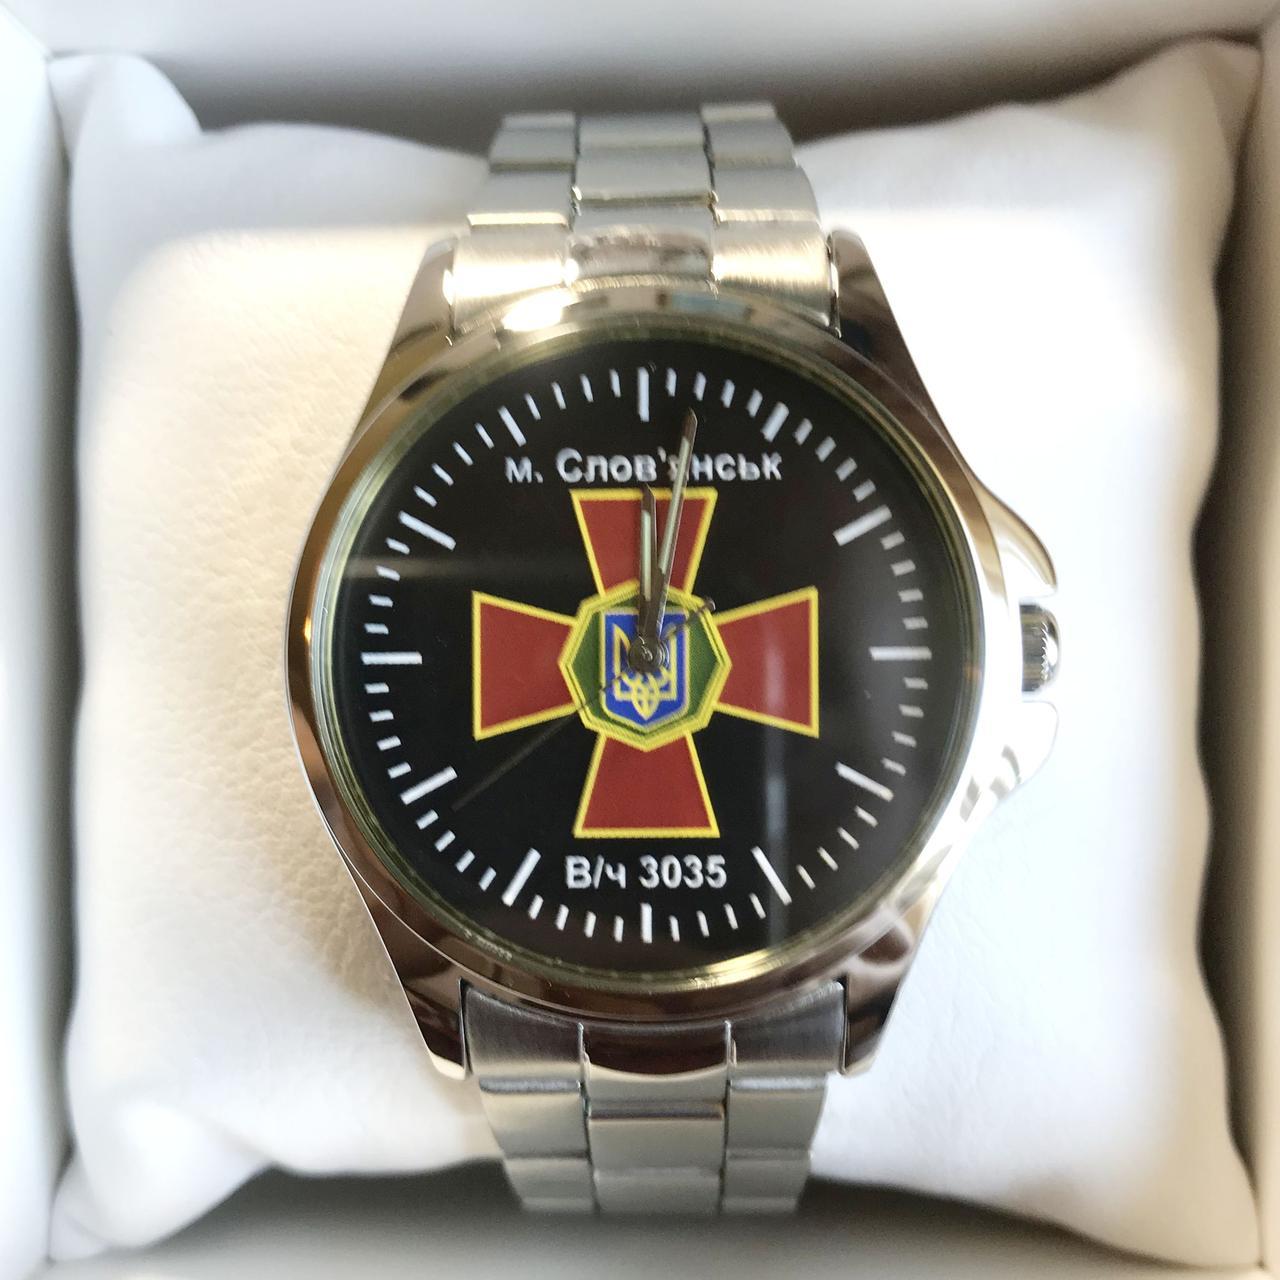 Годинники наручні з логотипом НГУ (Національна гвардія України)